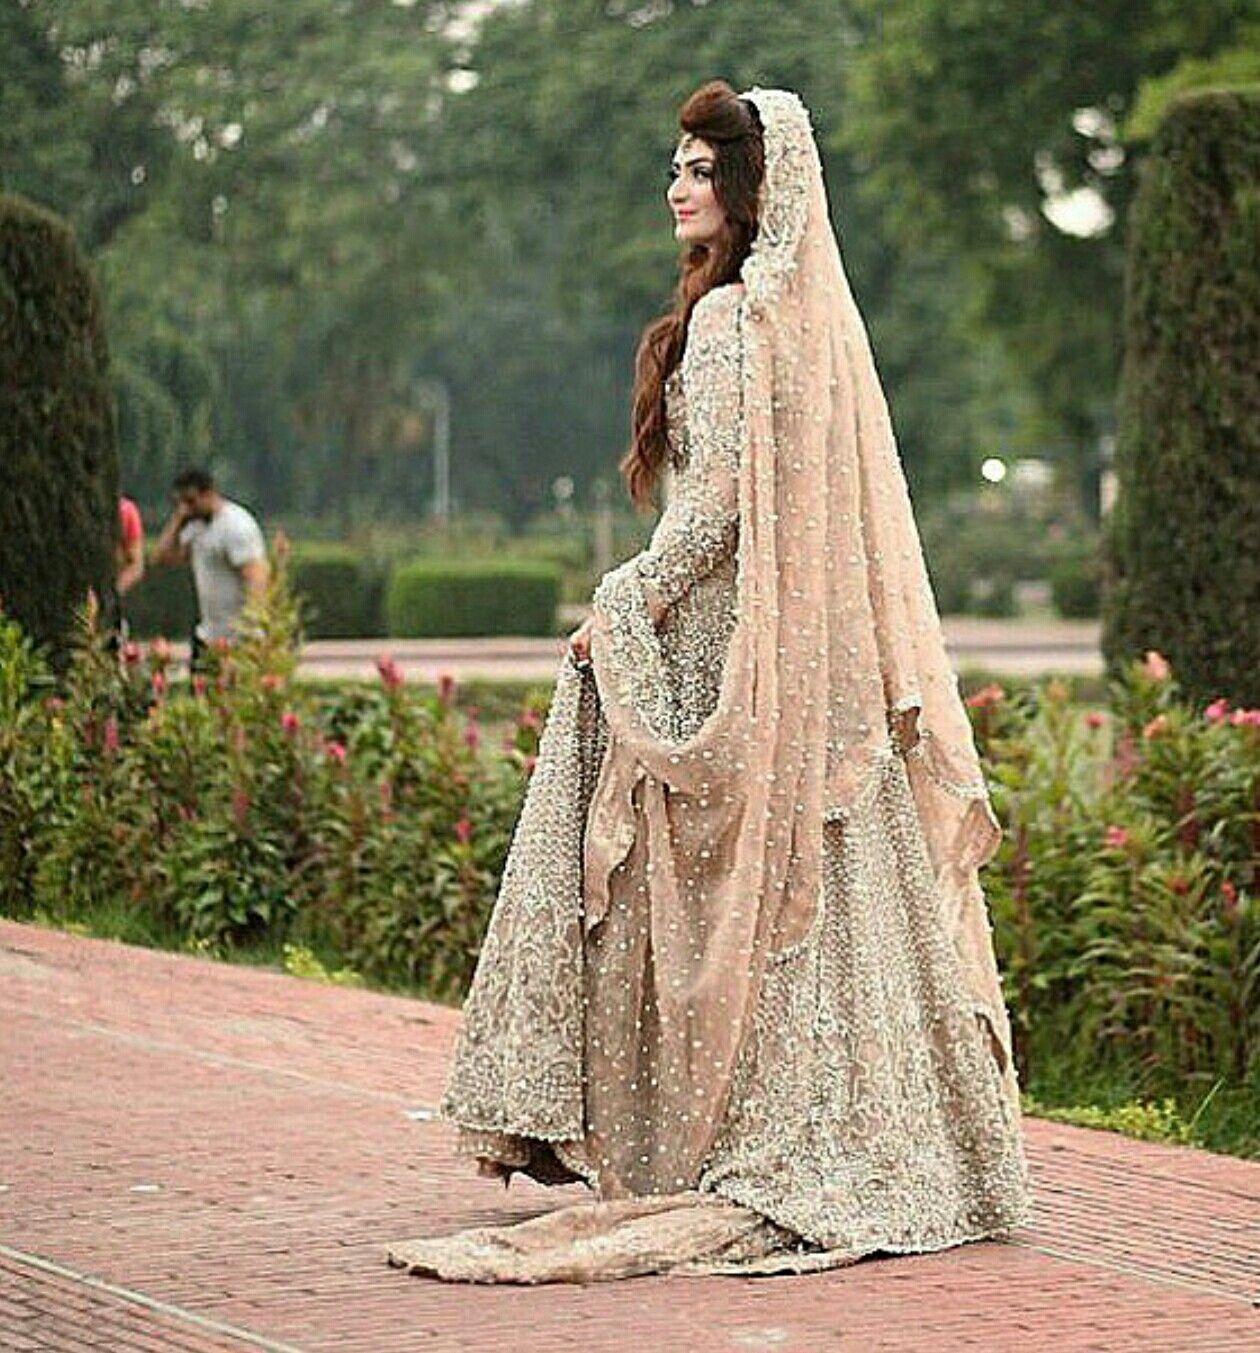 Beautiful Pakistani Bridal Dresses: Pakistani Wedding Outfits, Pakistani Bridal